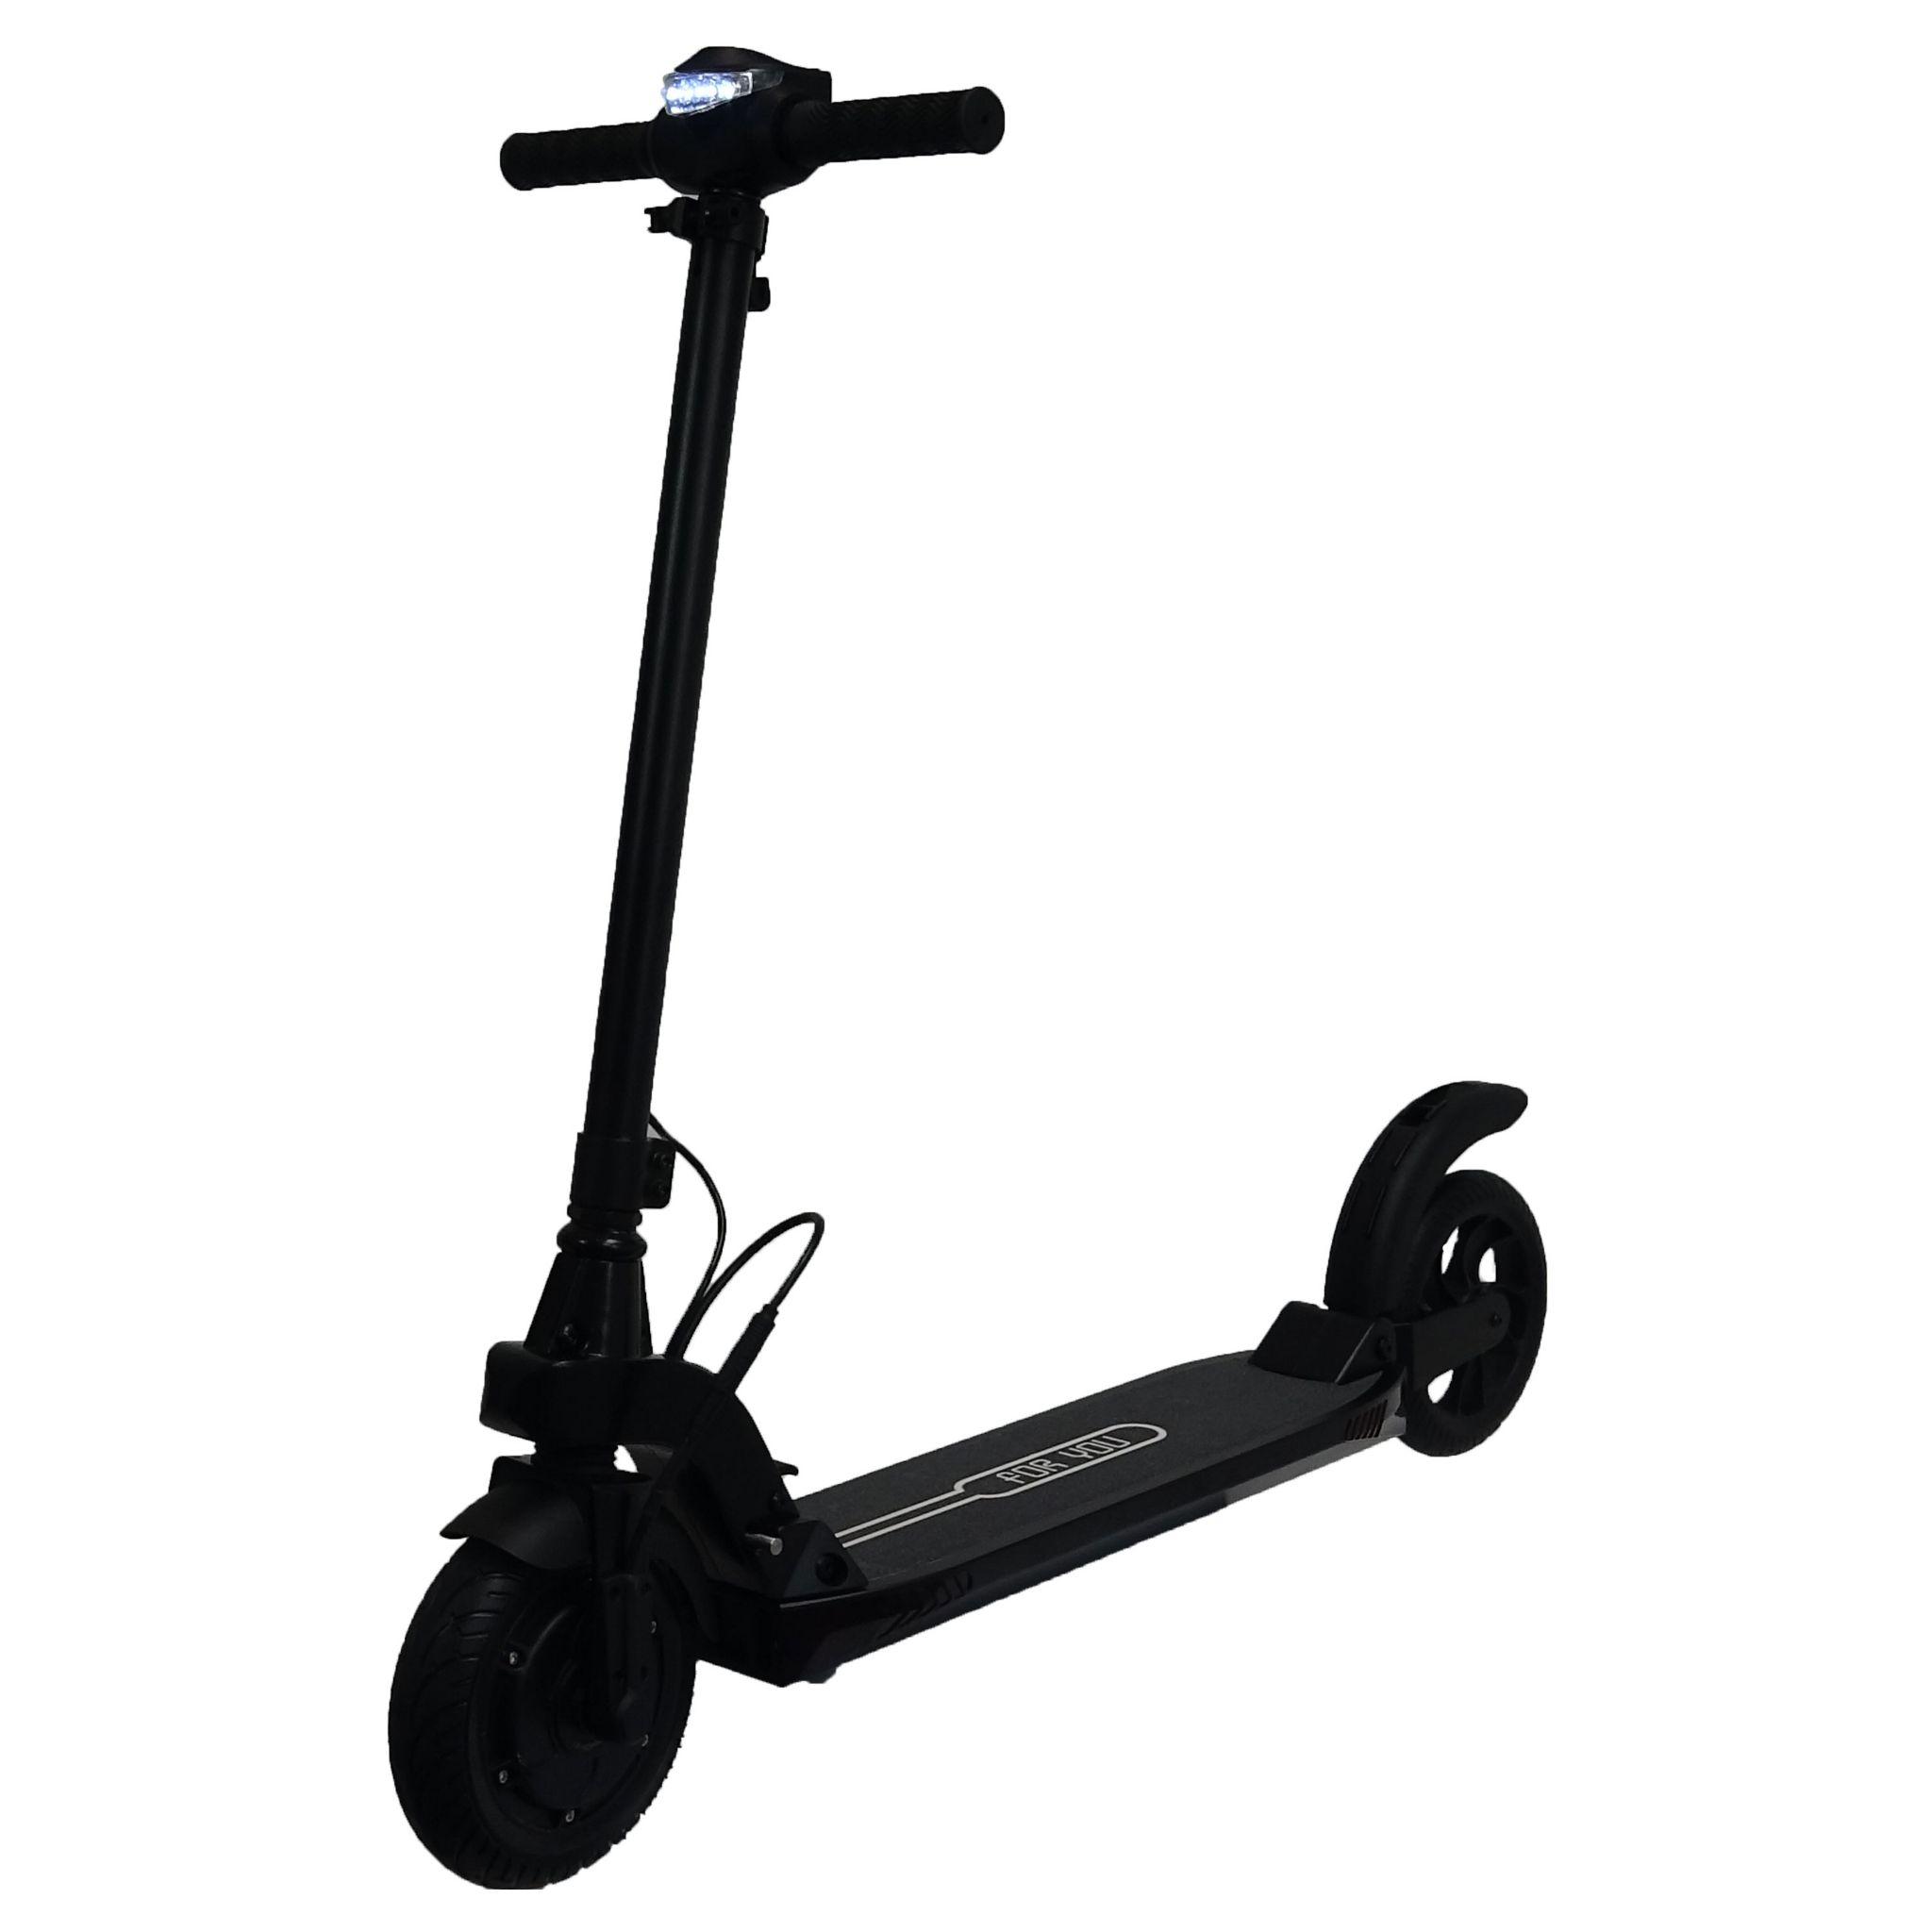 jet stiker electric scooter 32km h range 20 km 36v 7 8ah 350w. Black Bedroom Furniture Sets. Home Design Ideas